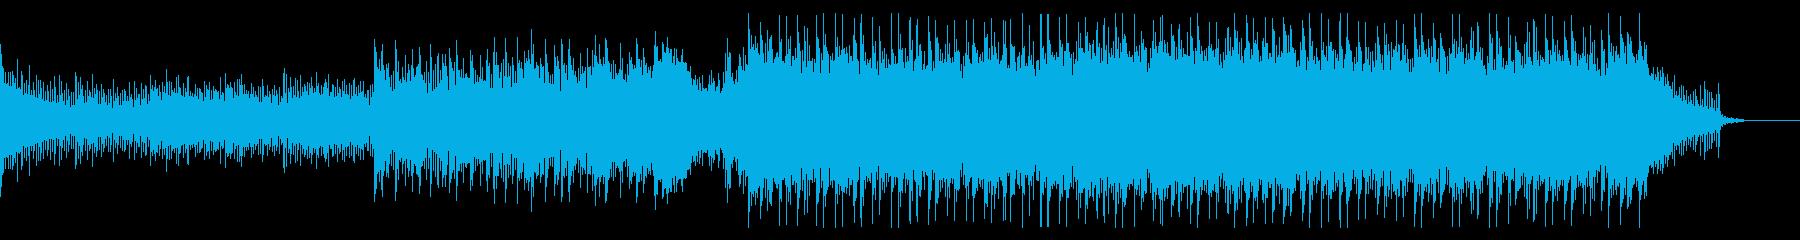 疾走感ある戦闘シーン系Drum&Bassの再生済みの波形